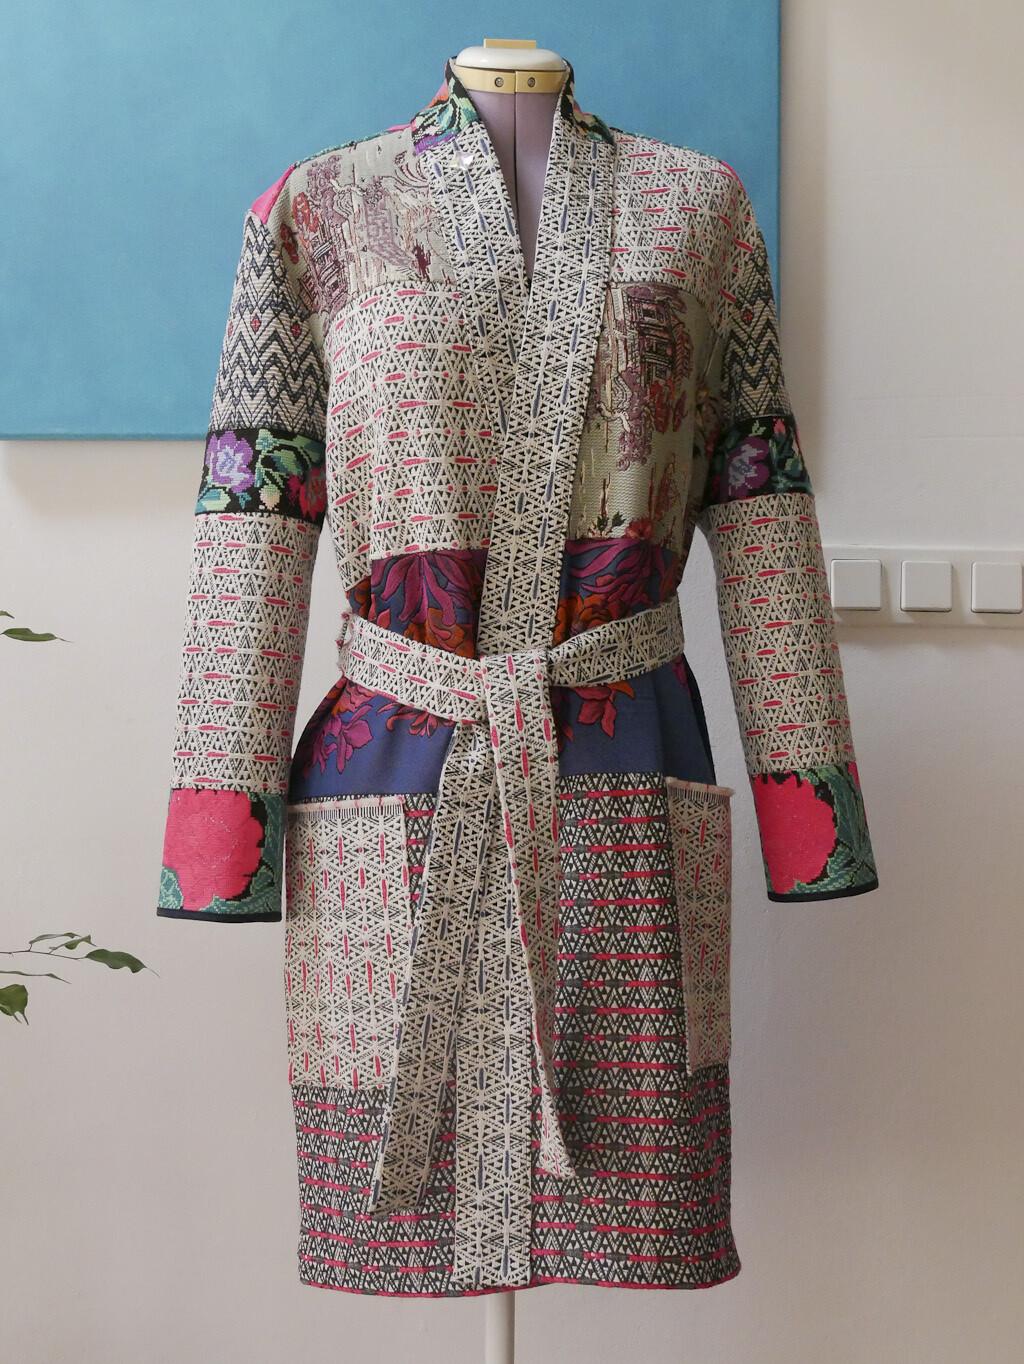 YAKAYA individueller Ethno Boho Patchwork Kimono Mantel (Einzelstück - Musterbeispiel)